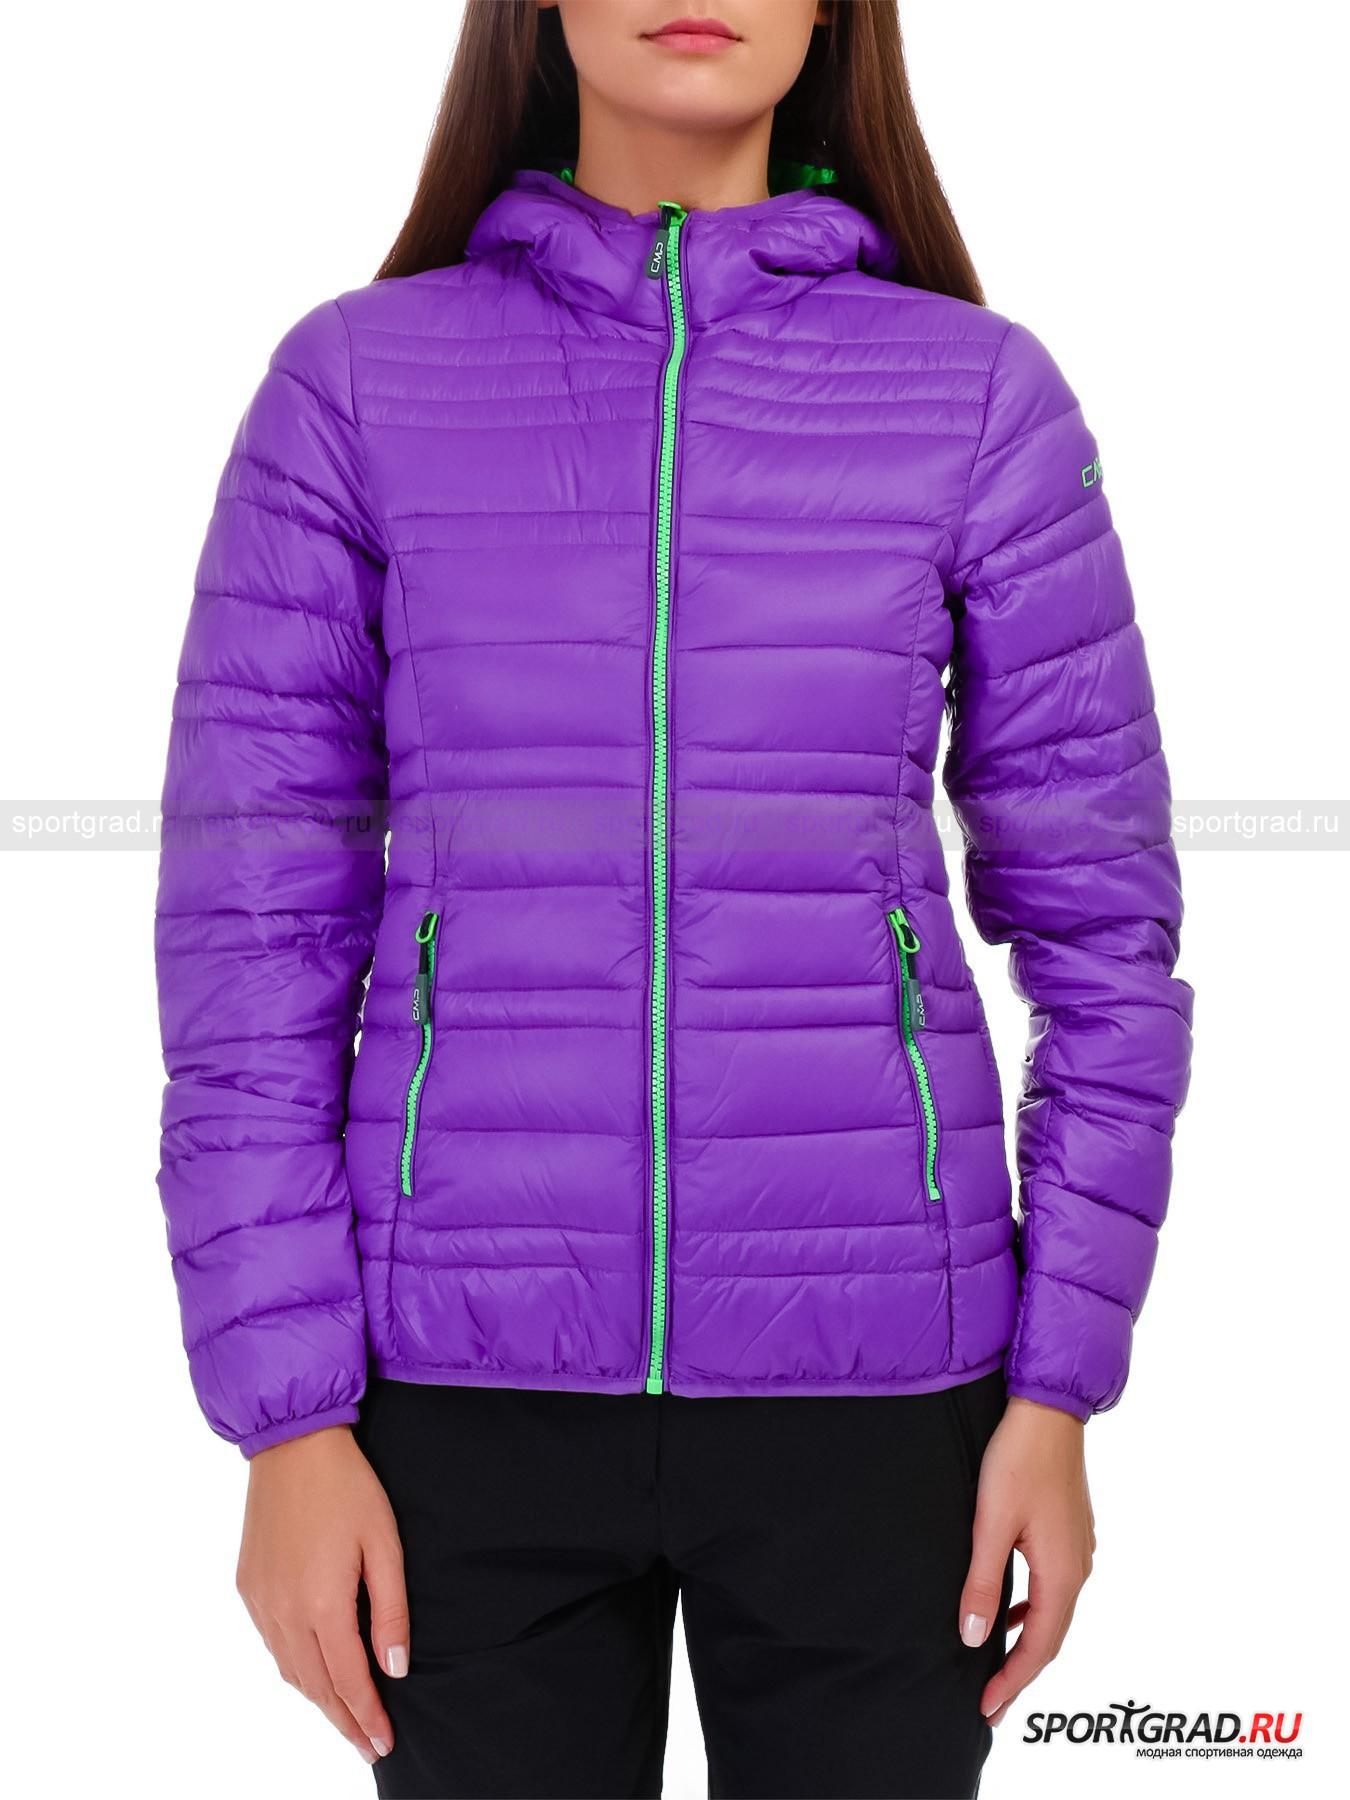 Куртка женская стеганая LADY FIX HOOD JACKET CAMPAGNOLO на пухуПуховики<br>Умещающуюся в чехол диаметром 13, 5 см женскую куртку LADY FIX HOOD JACKET CAMPAGNOLO с теплым, но невесомым наполнителем из натурального дышащего пуха легко и удобно возить с собой, куда бы Вы ни захотели отправиться. Без последствий переносящая множество «паковок», модель обладает свойством оперативно обретать первоначальную форму и успешно оберегать от холода.<br><br>Модель имеет:<br>- горизонтальную прострочку;<br>- воротник-стойку, составляющий с капюшоном единое целое;<br>- распашную молнию с эргономичным бегунком;<br>- фигурные рельефы спереди и сзади для лучшей посадки;<br>- обтачку подола и края рукавов узкой резинкой, страхующей от задувания;<br>- плавно подрезанную спинку;<br>- два наружных кармана на поясе с застежкой-молнией;<br>- пару накладных карманов со стороны подкладки контрастного цвета;<br>- петлю для вешалки.<br>Длина затягивающегося чехла-кисета 26 см. Длина куртки сзади по центру от горловины до низа ок. 60, 5 см, длина рукава по внутреннему шву 52 см, ширина в груди 47 см, ширина по бедрам 45 см (размер 38).<br><br>Пол: Женский<br>Возраст: Взрослый<br>Тип: Пуховики<br>Рекомендации по уходу: Изделию показана стирка при температуре строго 40°, щадящая сушка и бережная аквачистка. Запрещены глажка, отбеливание и химчистка.<br>Состав: Поверхность: 100% нейлон. Подкладка: 100% нейлон. Наполнитель: 90% пух, 10% перо.